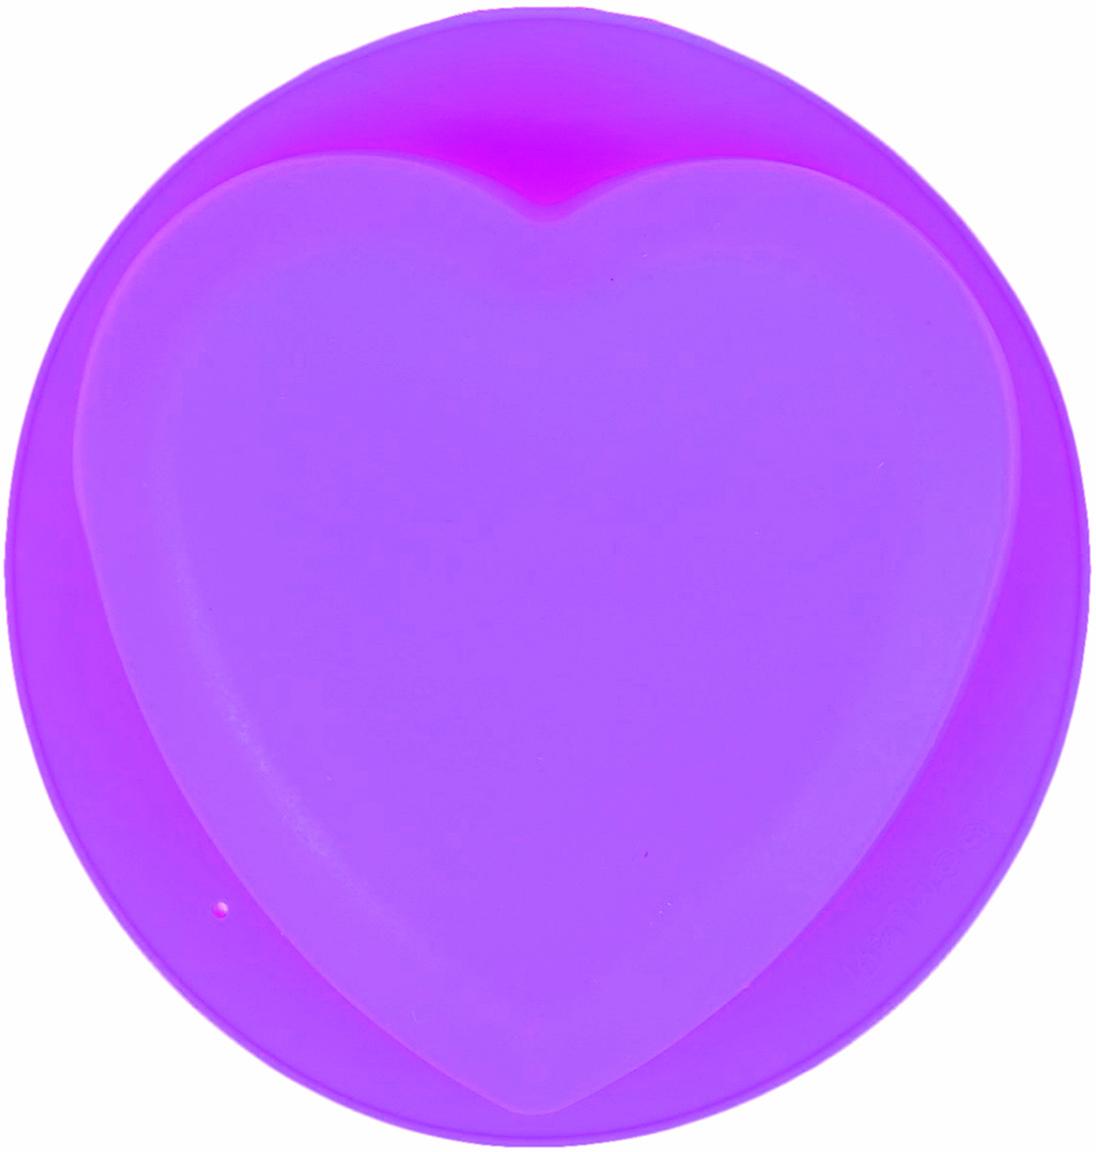 Форма для выпечки Доляна Сердце. Круг, цвет: фиолетовый, 22 х 20 х 5 см2581344_фиолетовыйОт качества посуды зависит не только вкус еды, но и здоровье человека. — товар, соответствующий российским стандартам качества. Любой хозяйке будет приятно держать его в руках. С нашей посудой и кухонной утварью приготовление еды и сервировка стола превратятся в настоящий праздник.